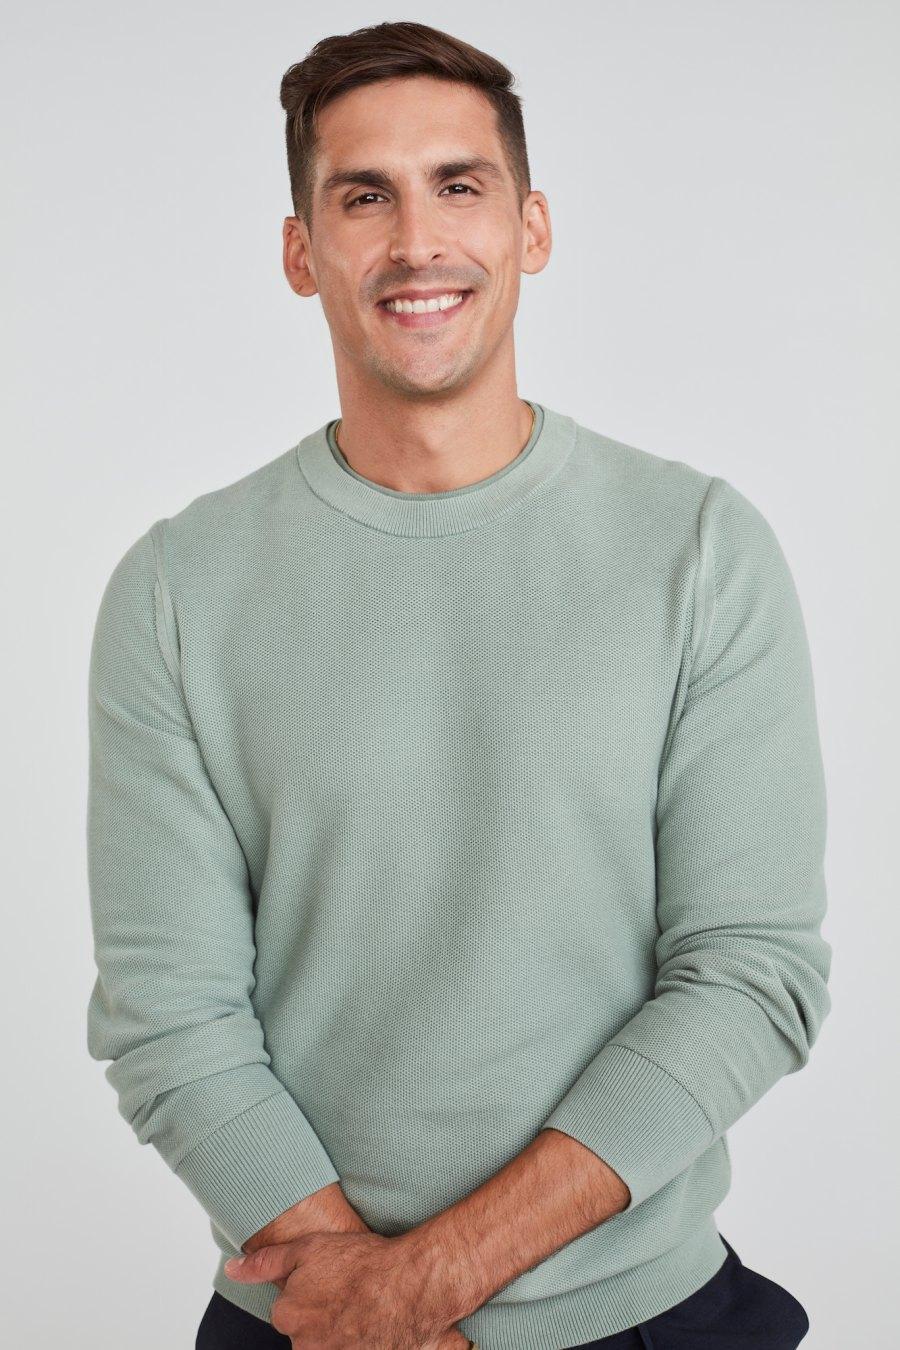 DWTS Cast Season 30 Cody Rigsby